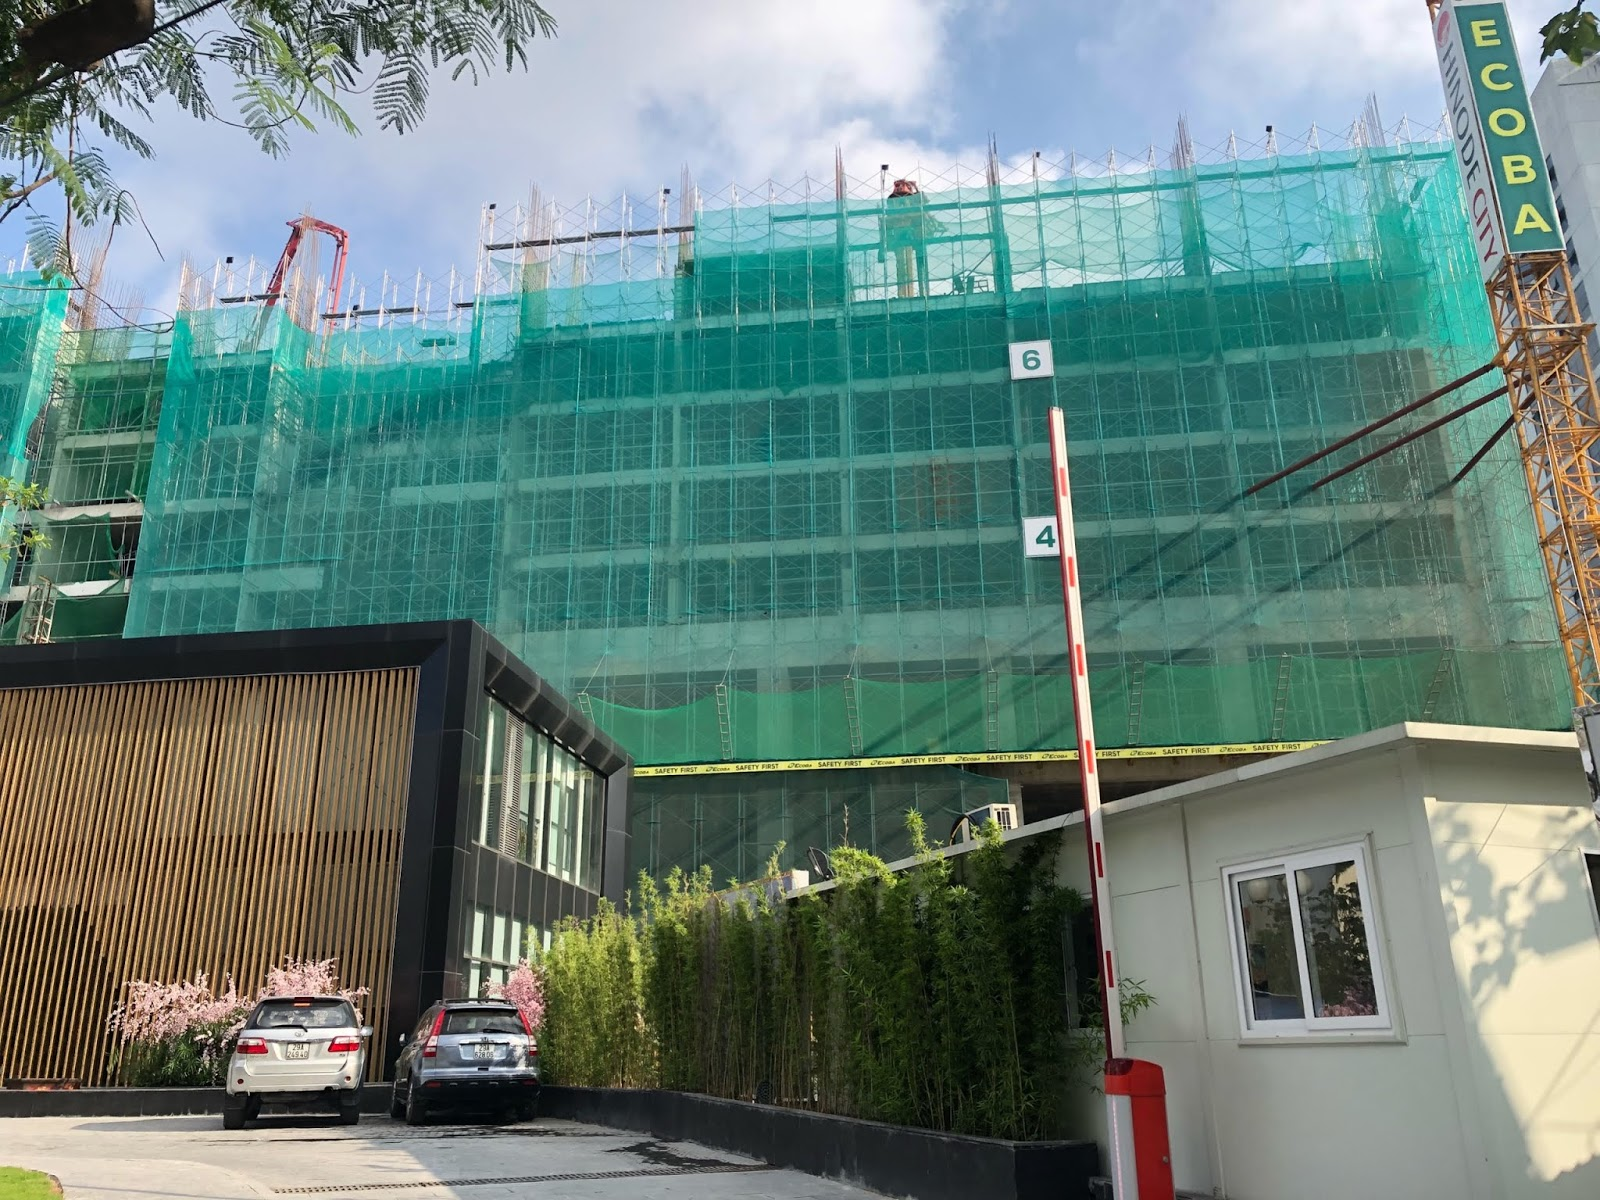 Tiến độ xây dựng toà Hi-mark dự án Hinode Minh Khai